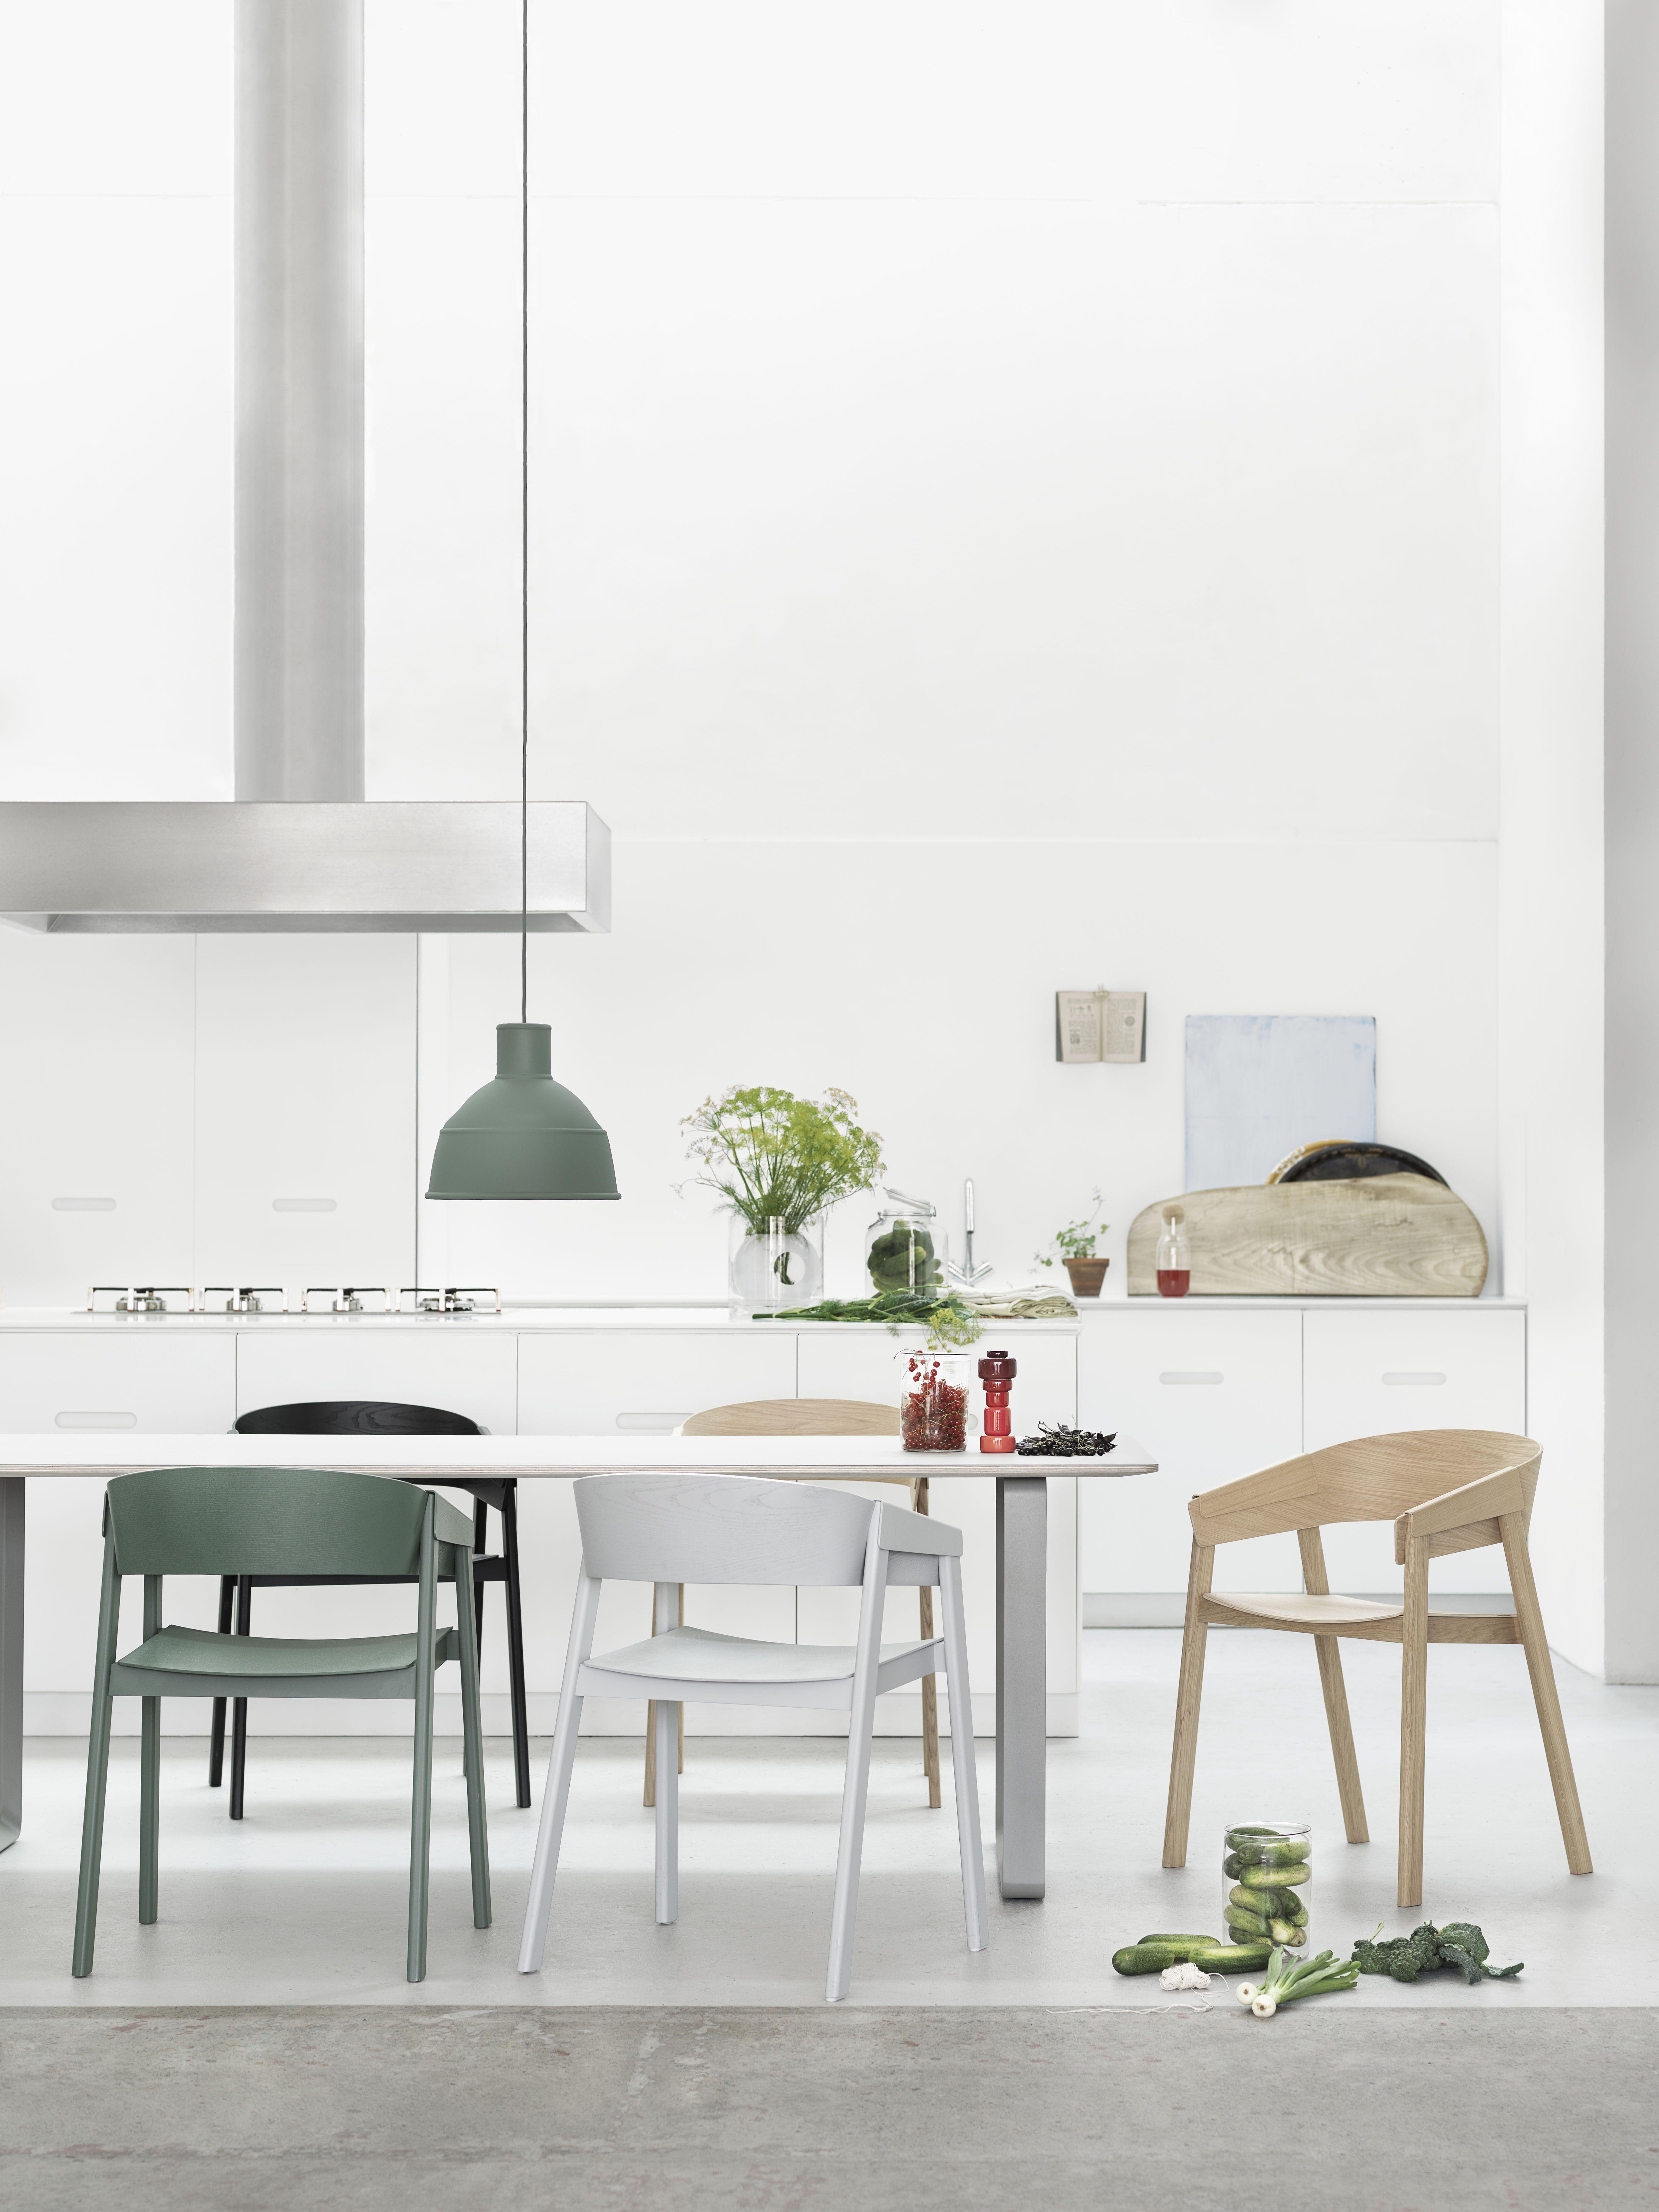 Wohndesign bilder mit shop ideas para el comedor de tu cocina  comedores de cocina  pinterest